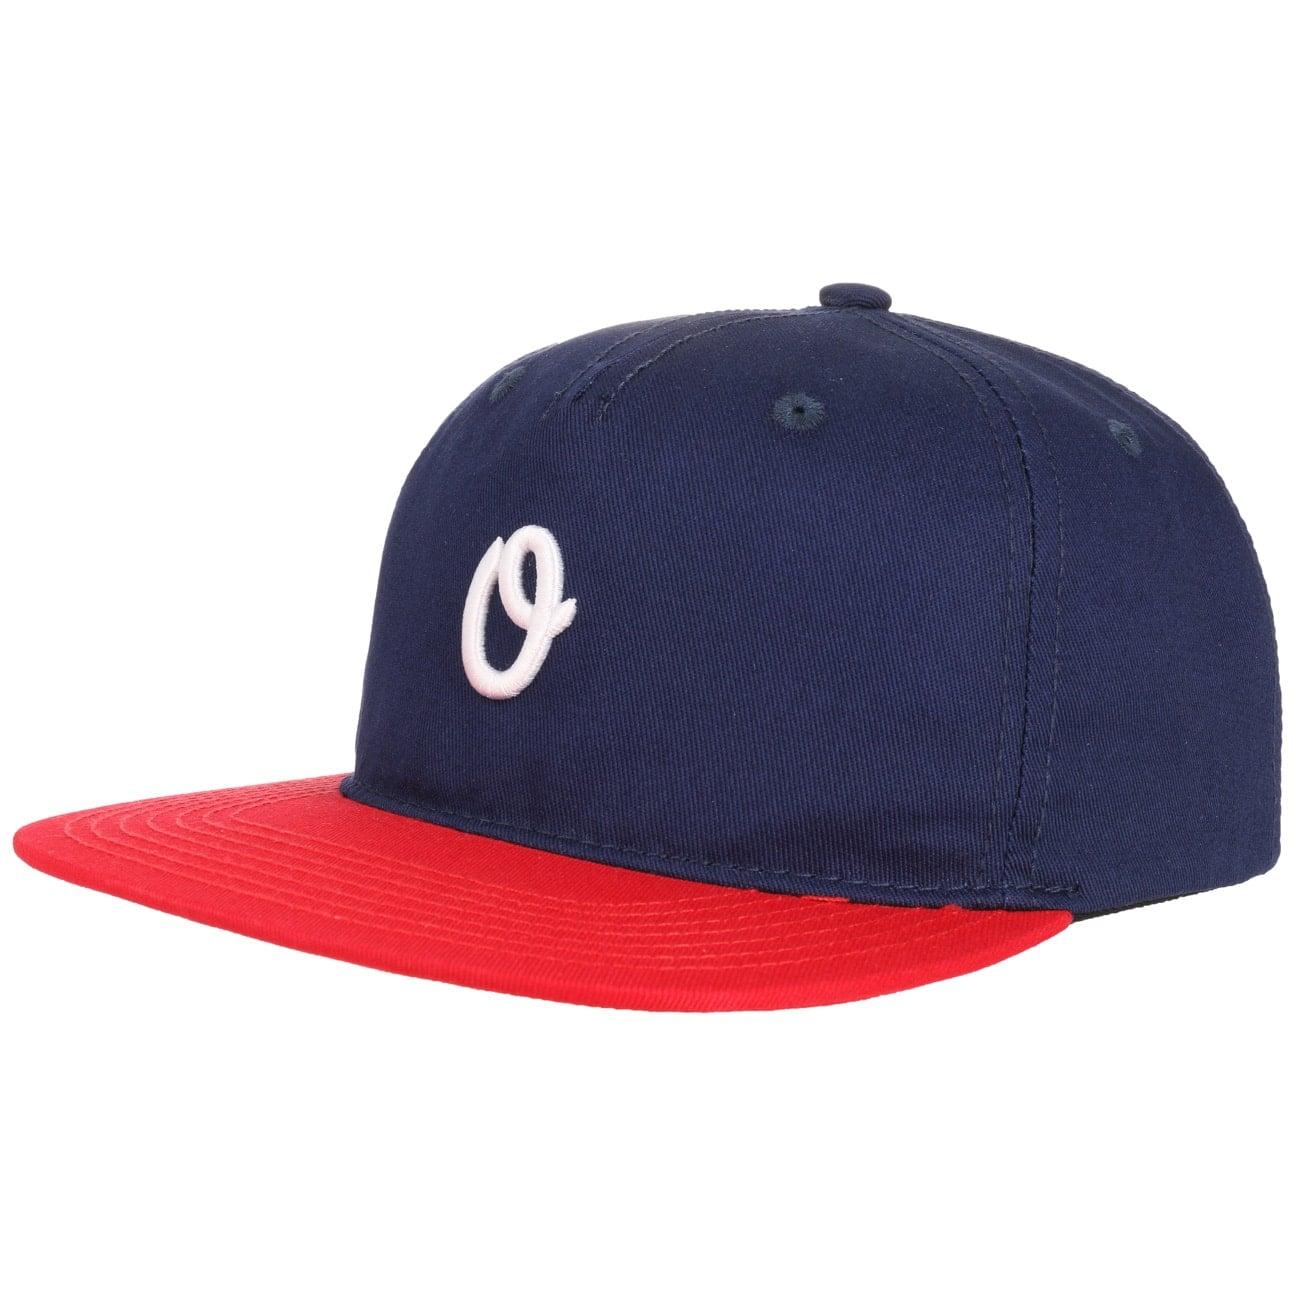 Gorra Miles Olo EvDay 2Tone by Official Headwear  gorra de baseball